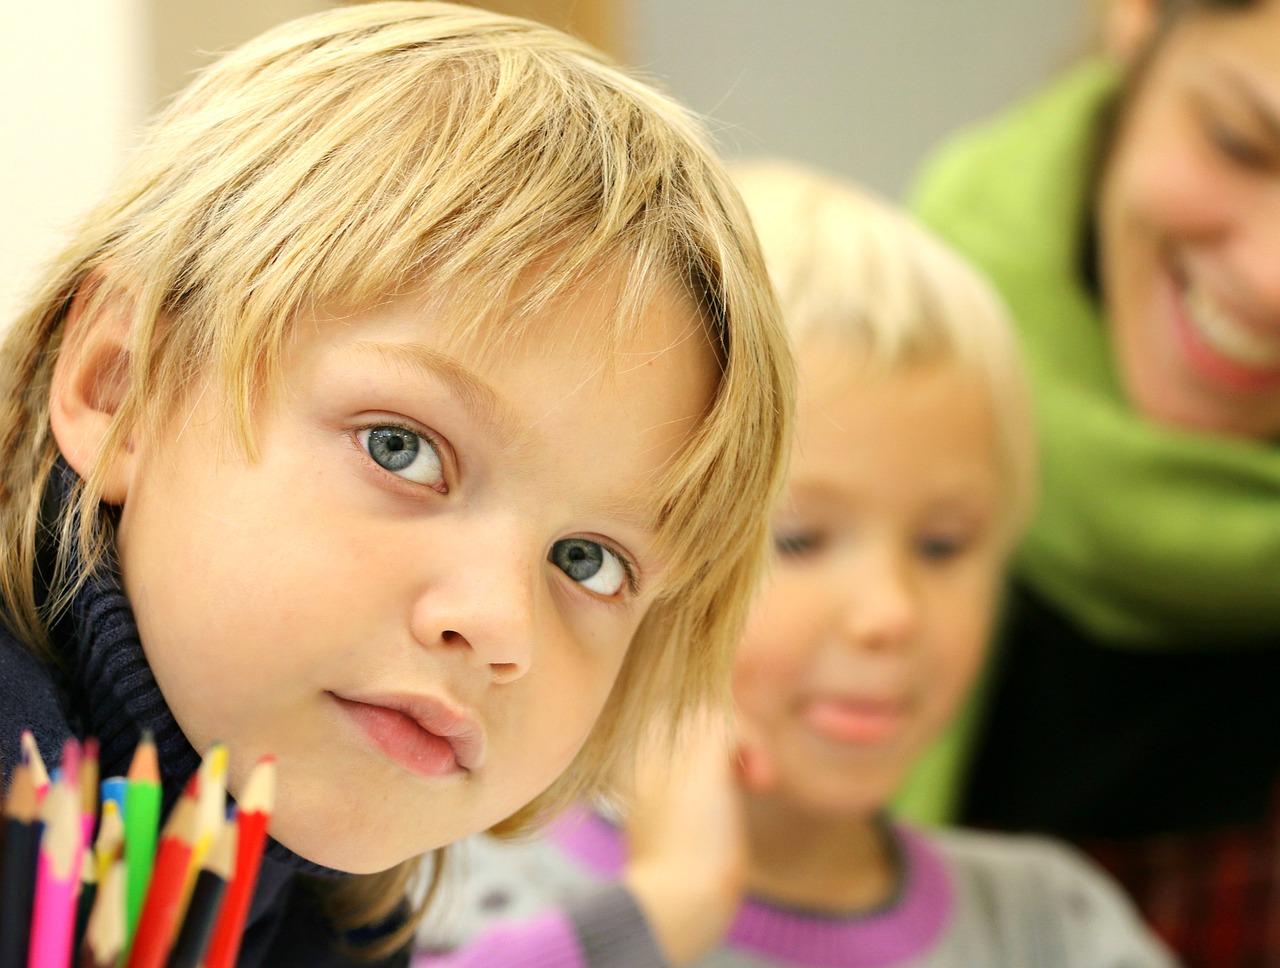 12 toimenpidettä, joilla opetushallitus pyrkii nostamaan poikien oppimistuloksia